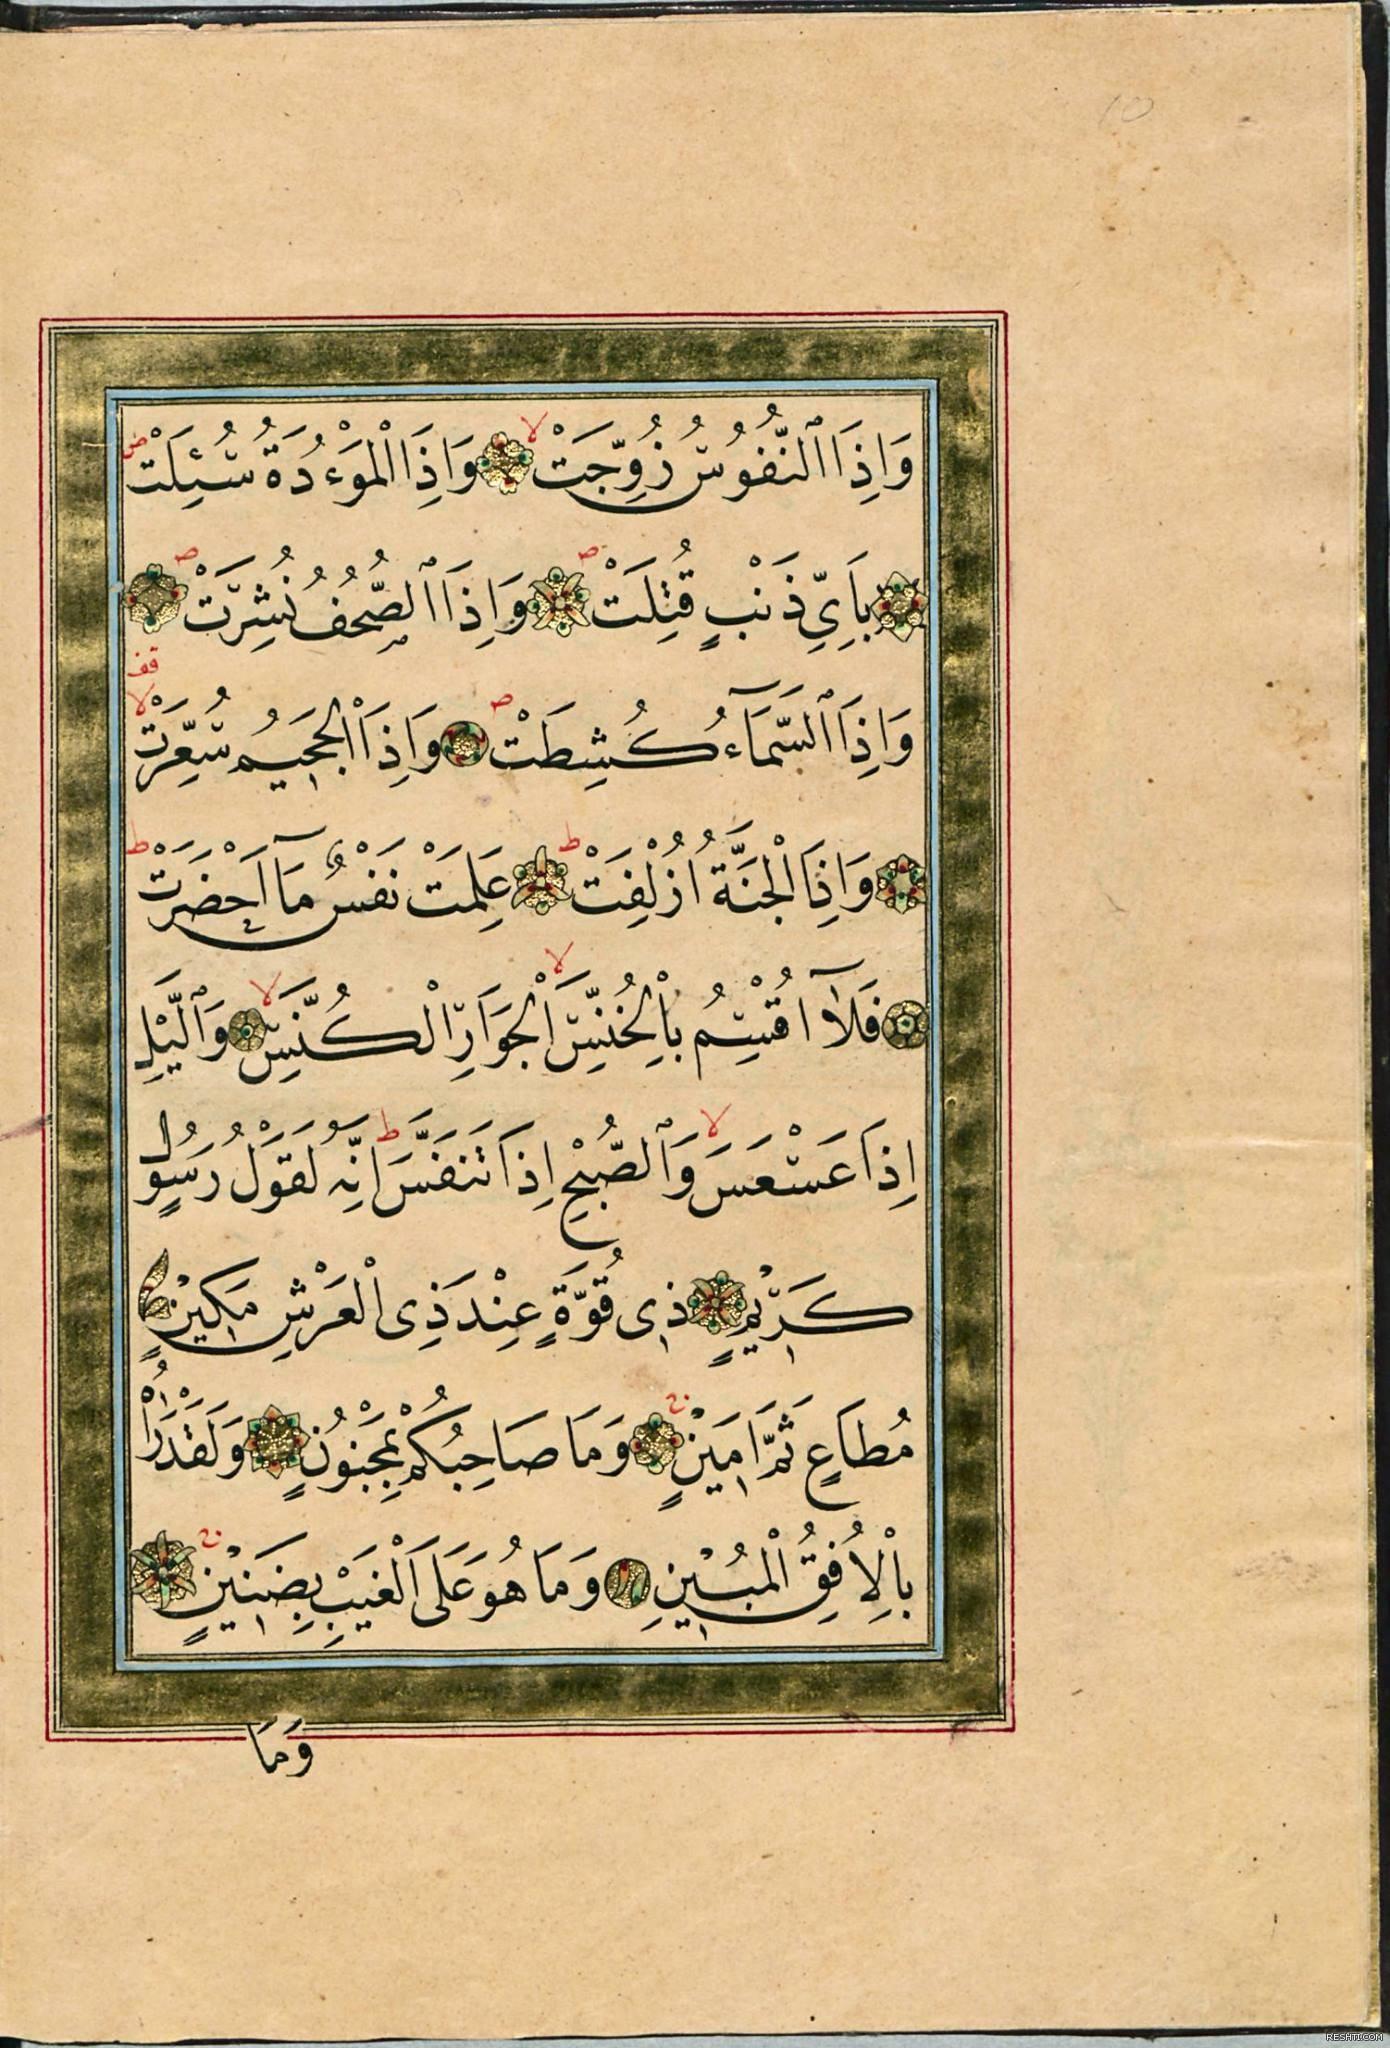 جزء عم لخطاط الحرم النبوي السيد عبد الله الزهدي التميمي 1